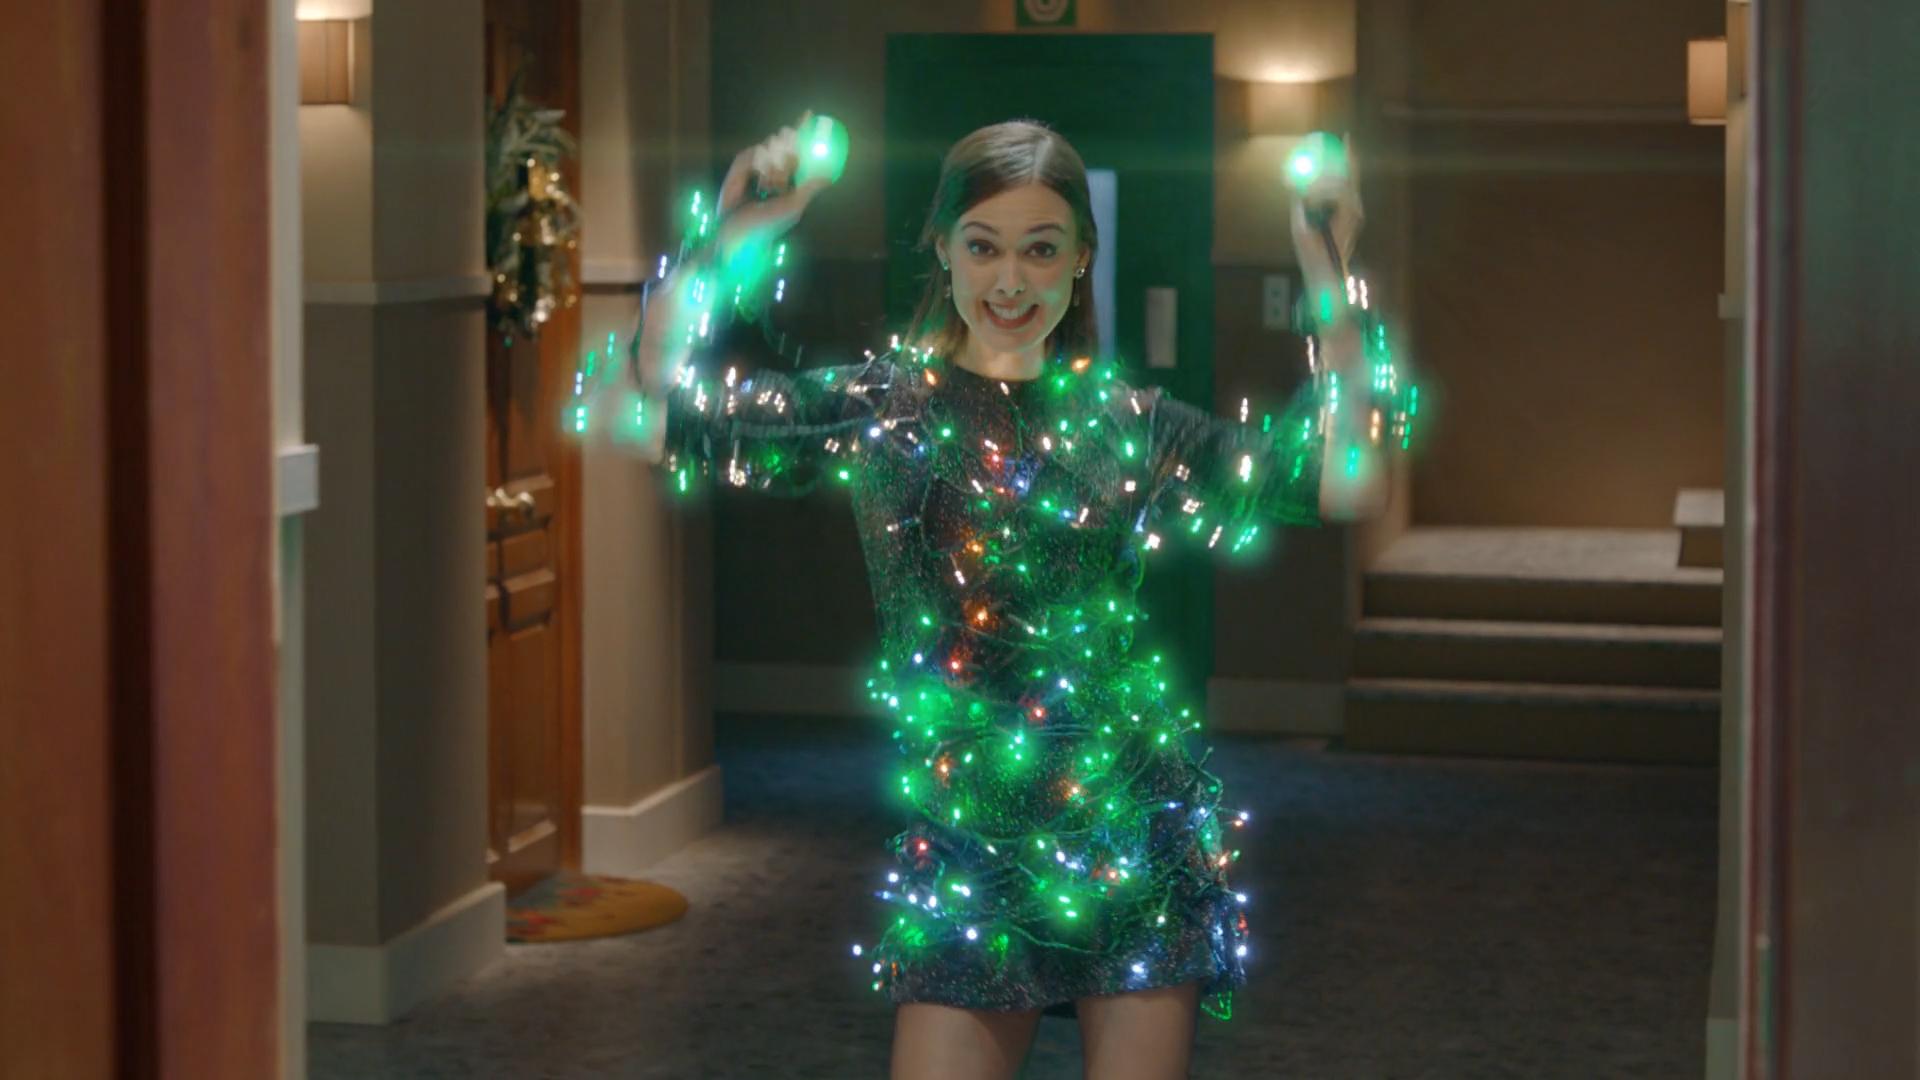 feliz-navidad-la-sexta-el-exilio-chica-bailando-luces-video-1920x1080.jpg